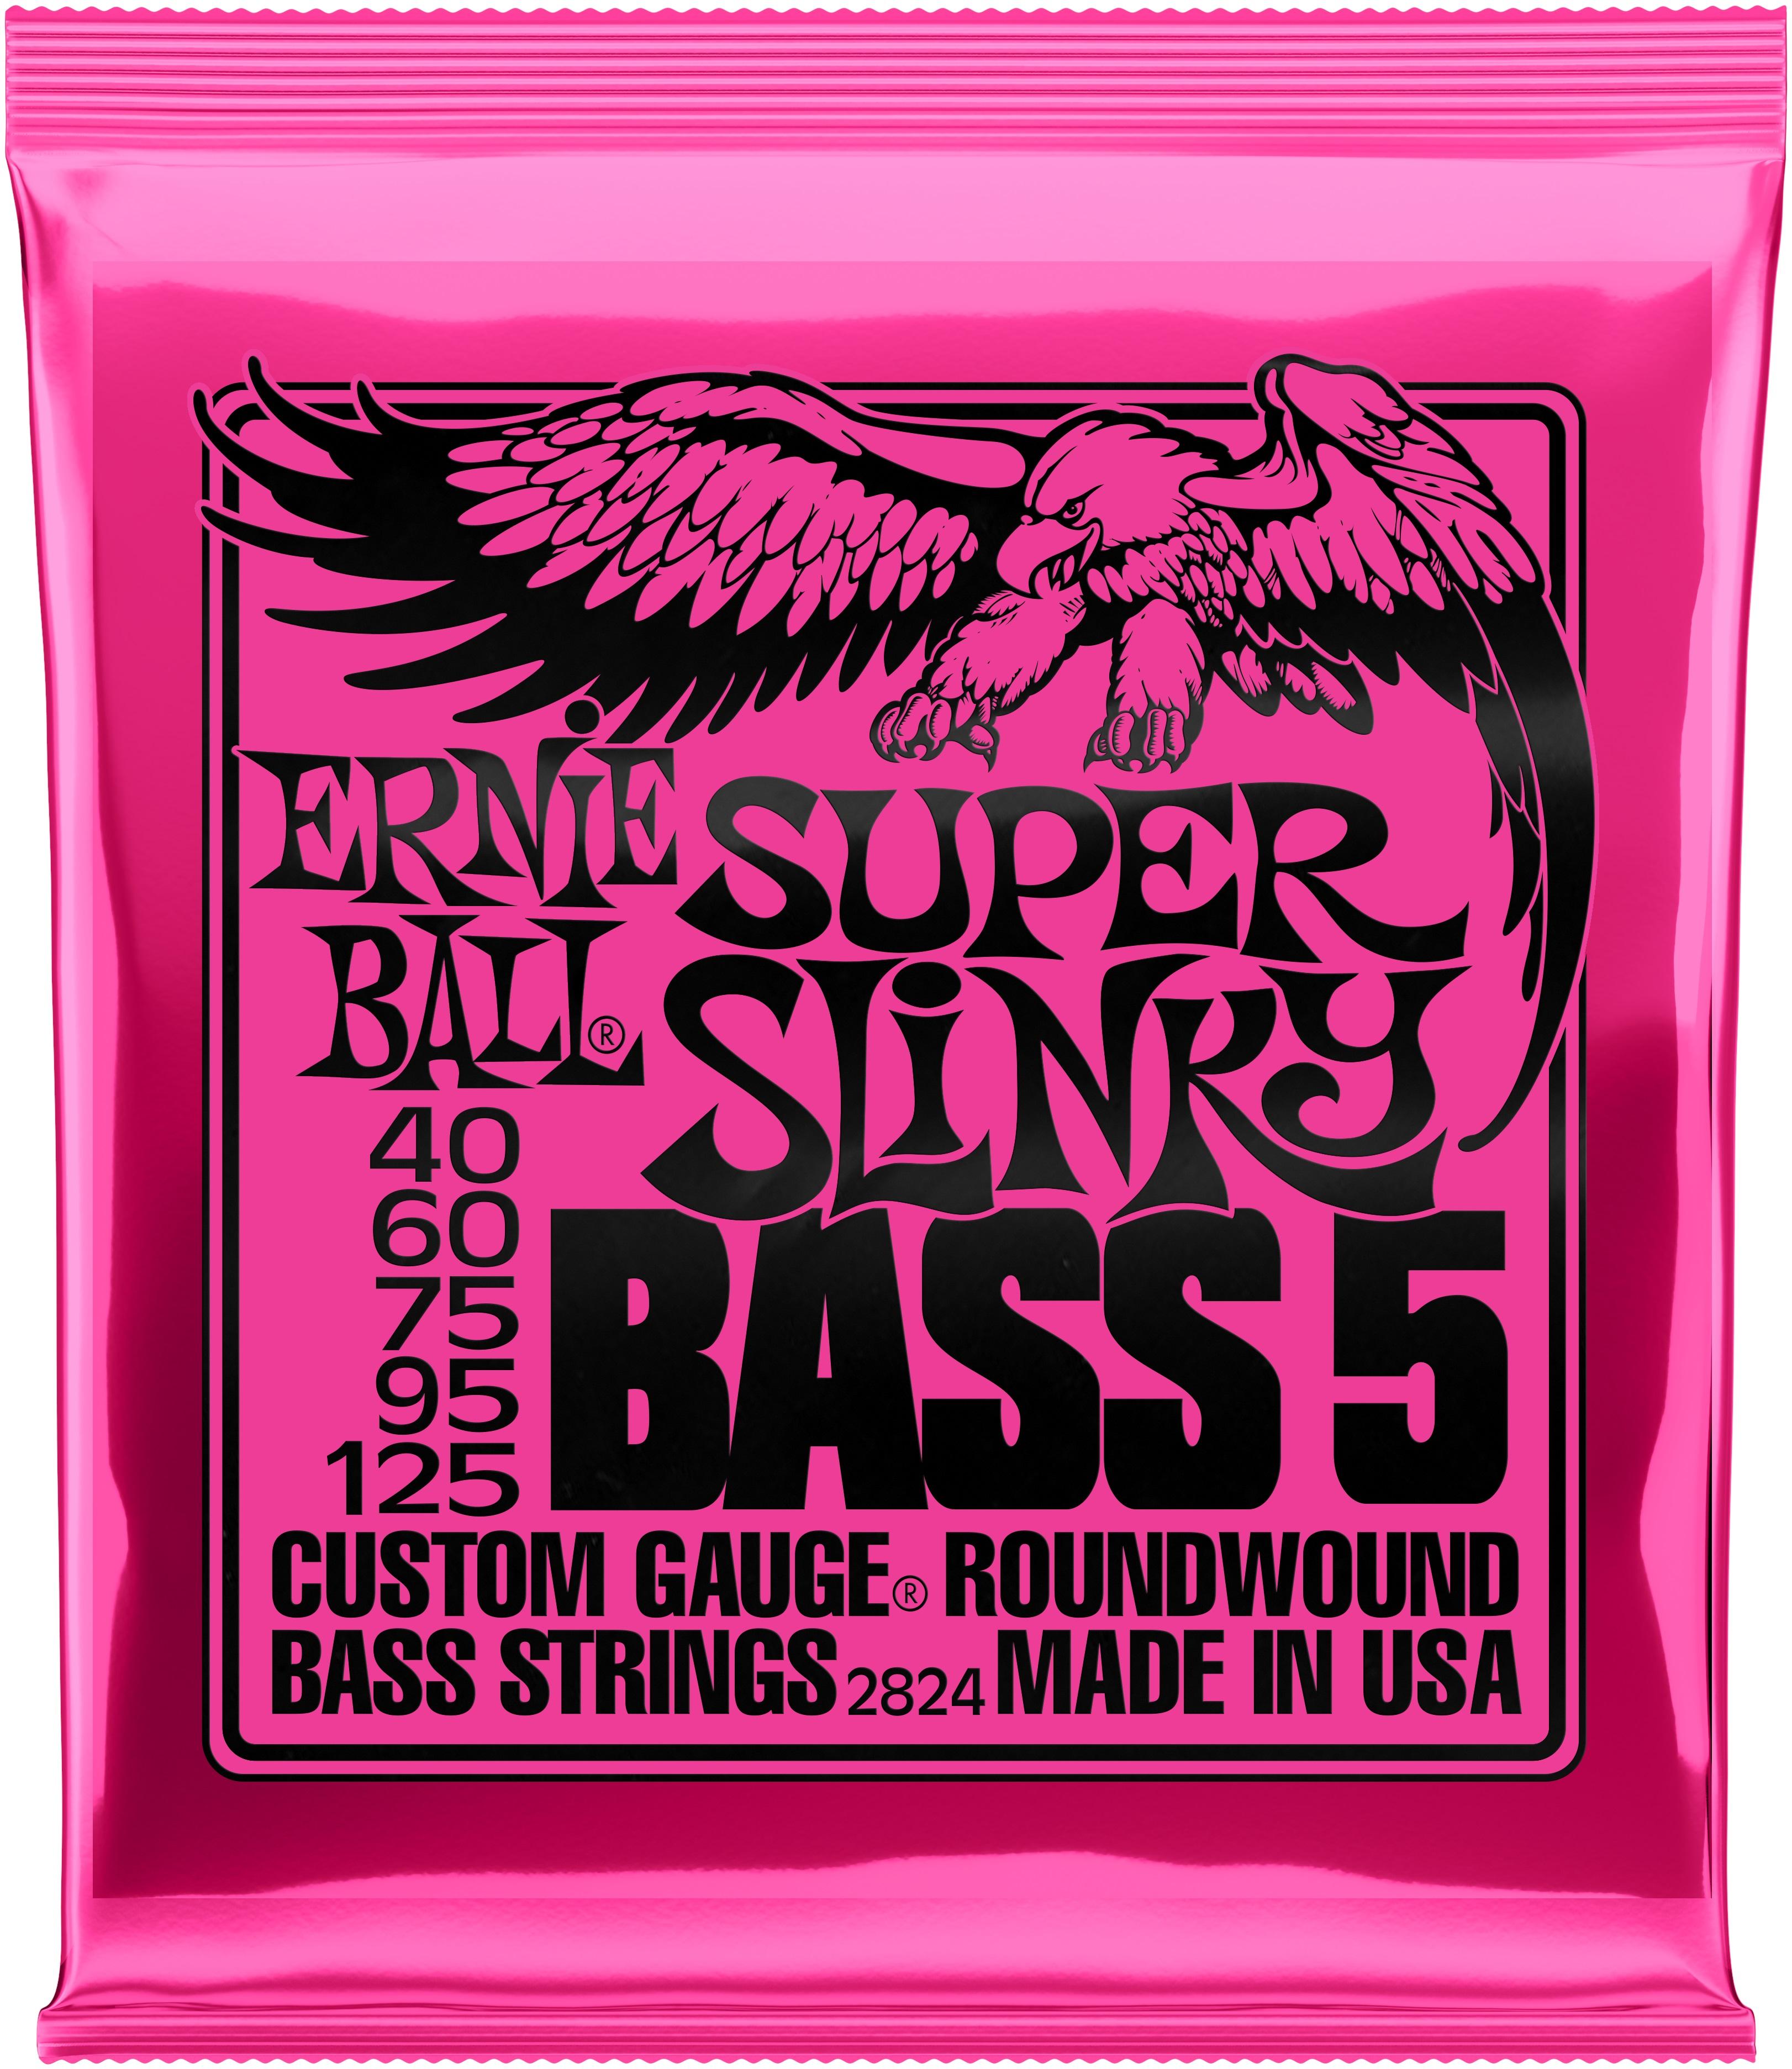 Ernie Ball 2824